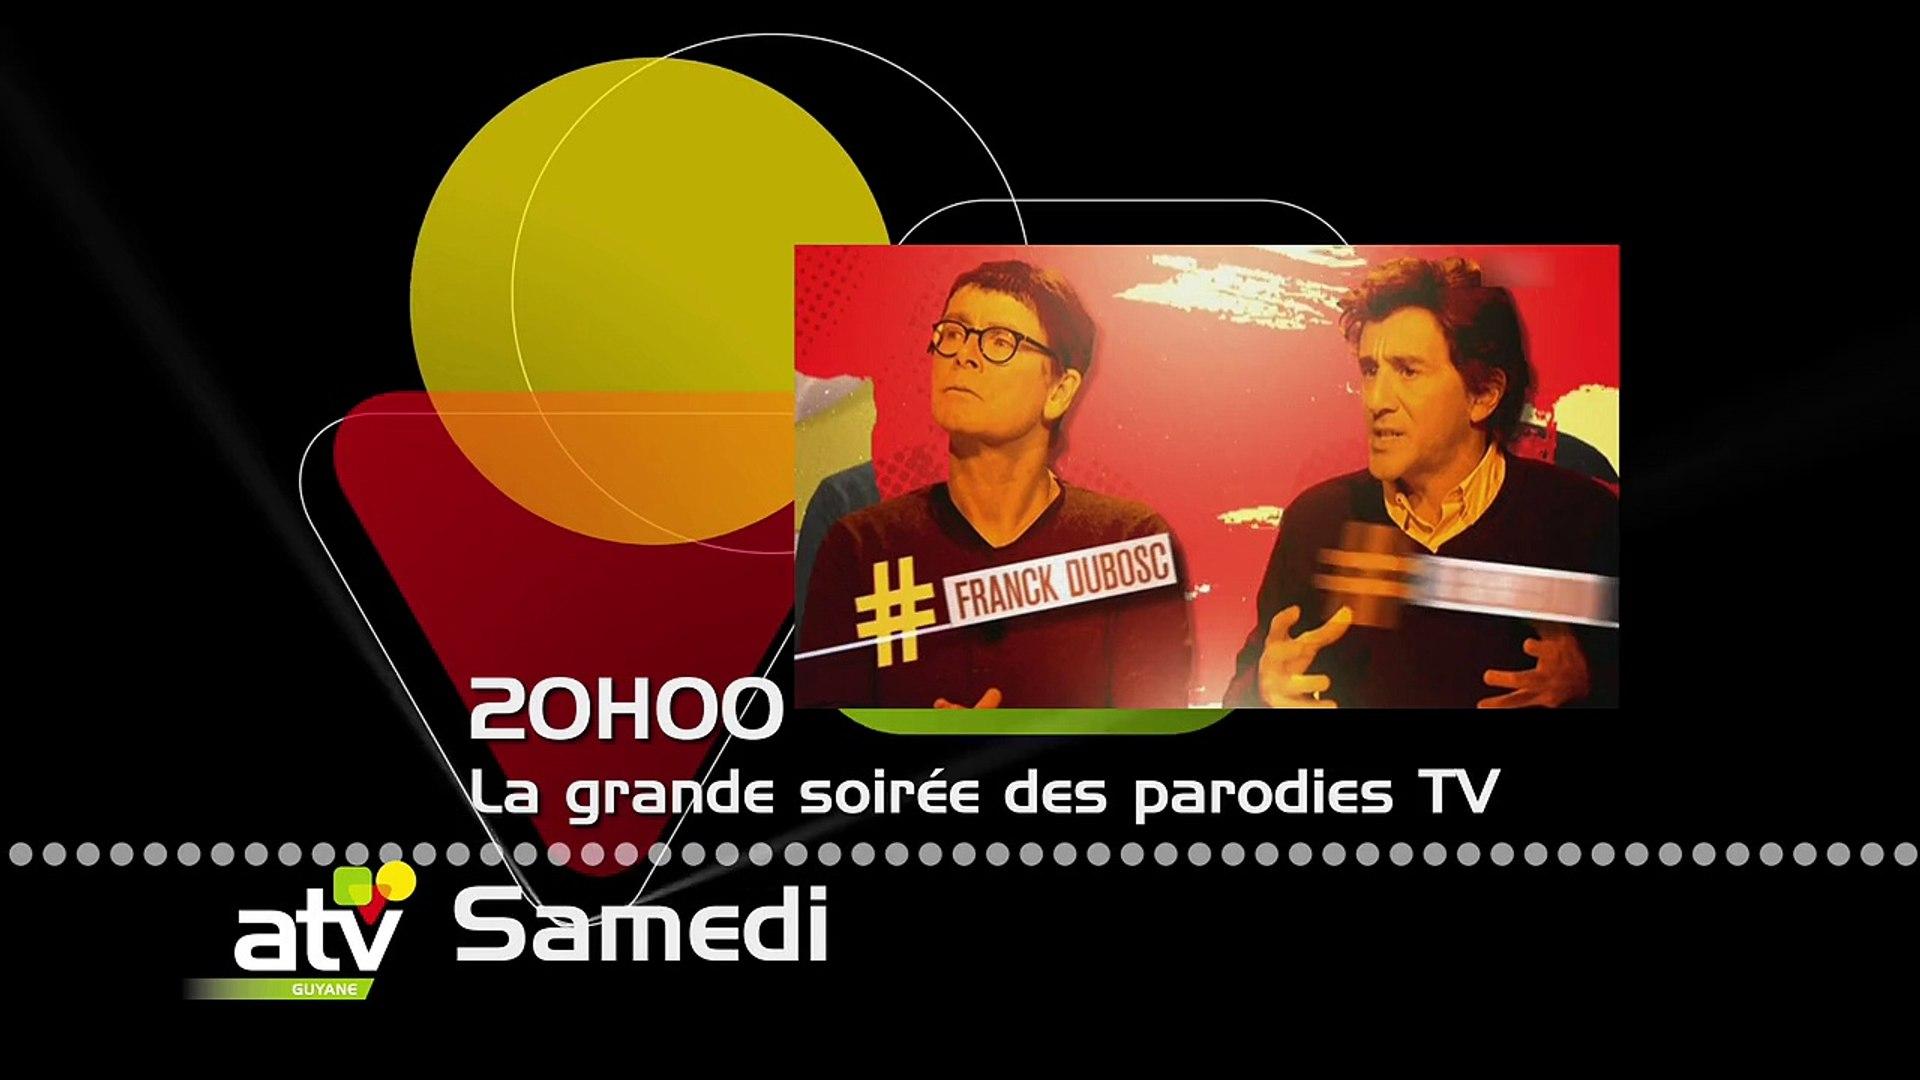 973 La grande soirée des parodies TV 071115